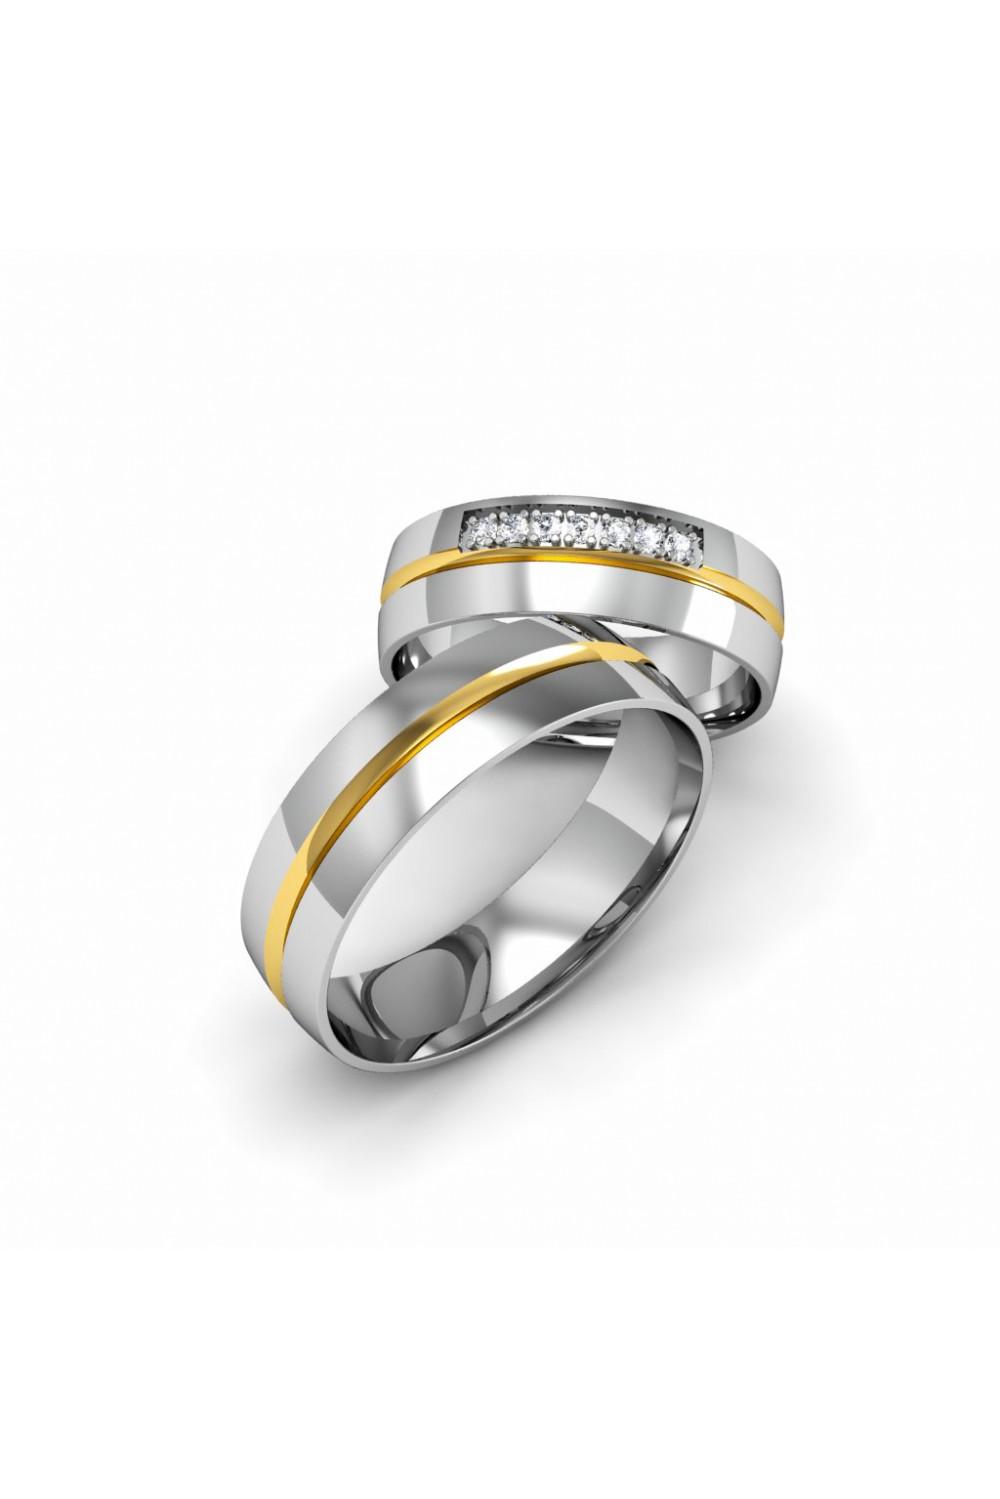 Elegant Modern Yellow White Gold Wedding Ring